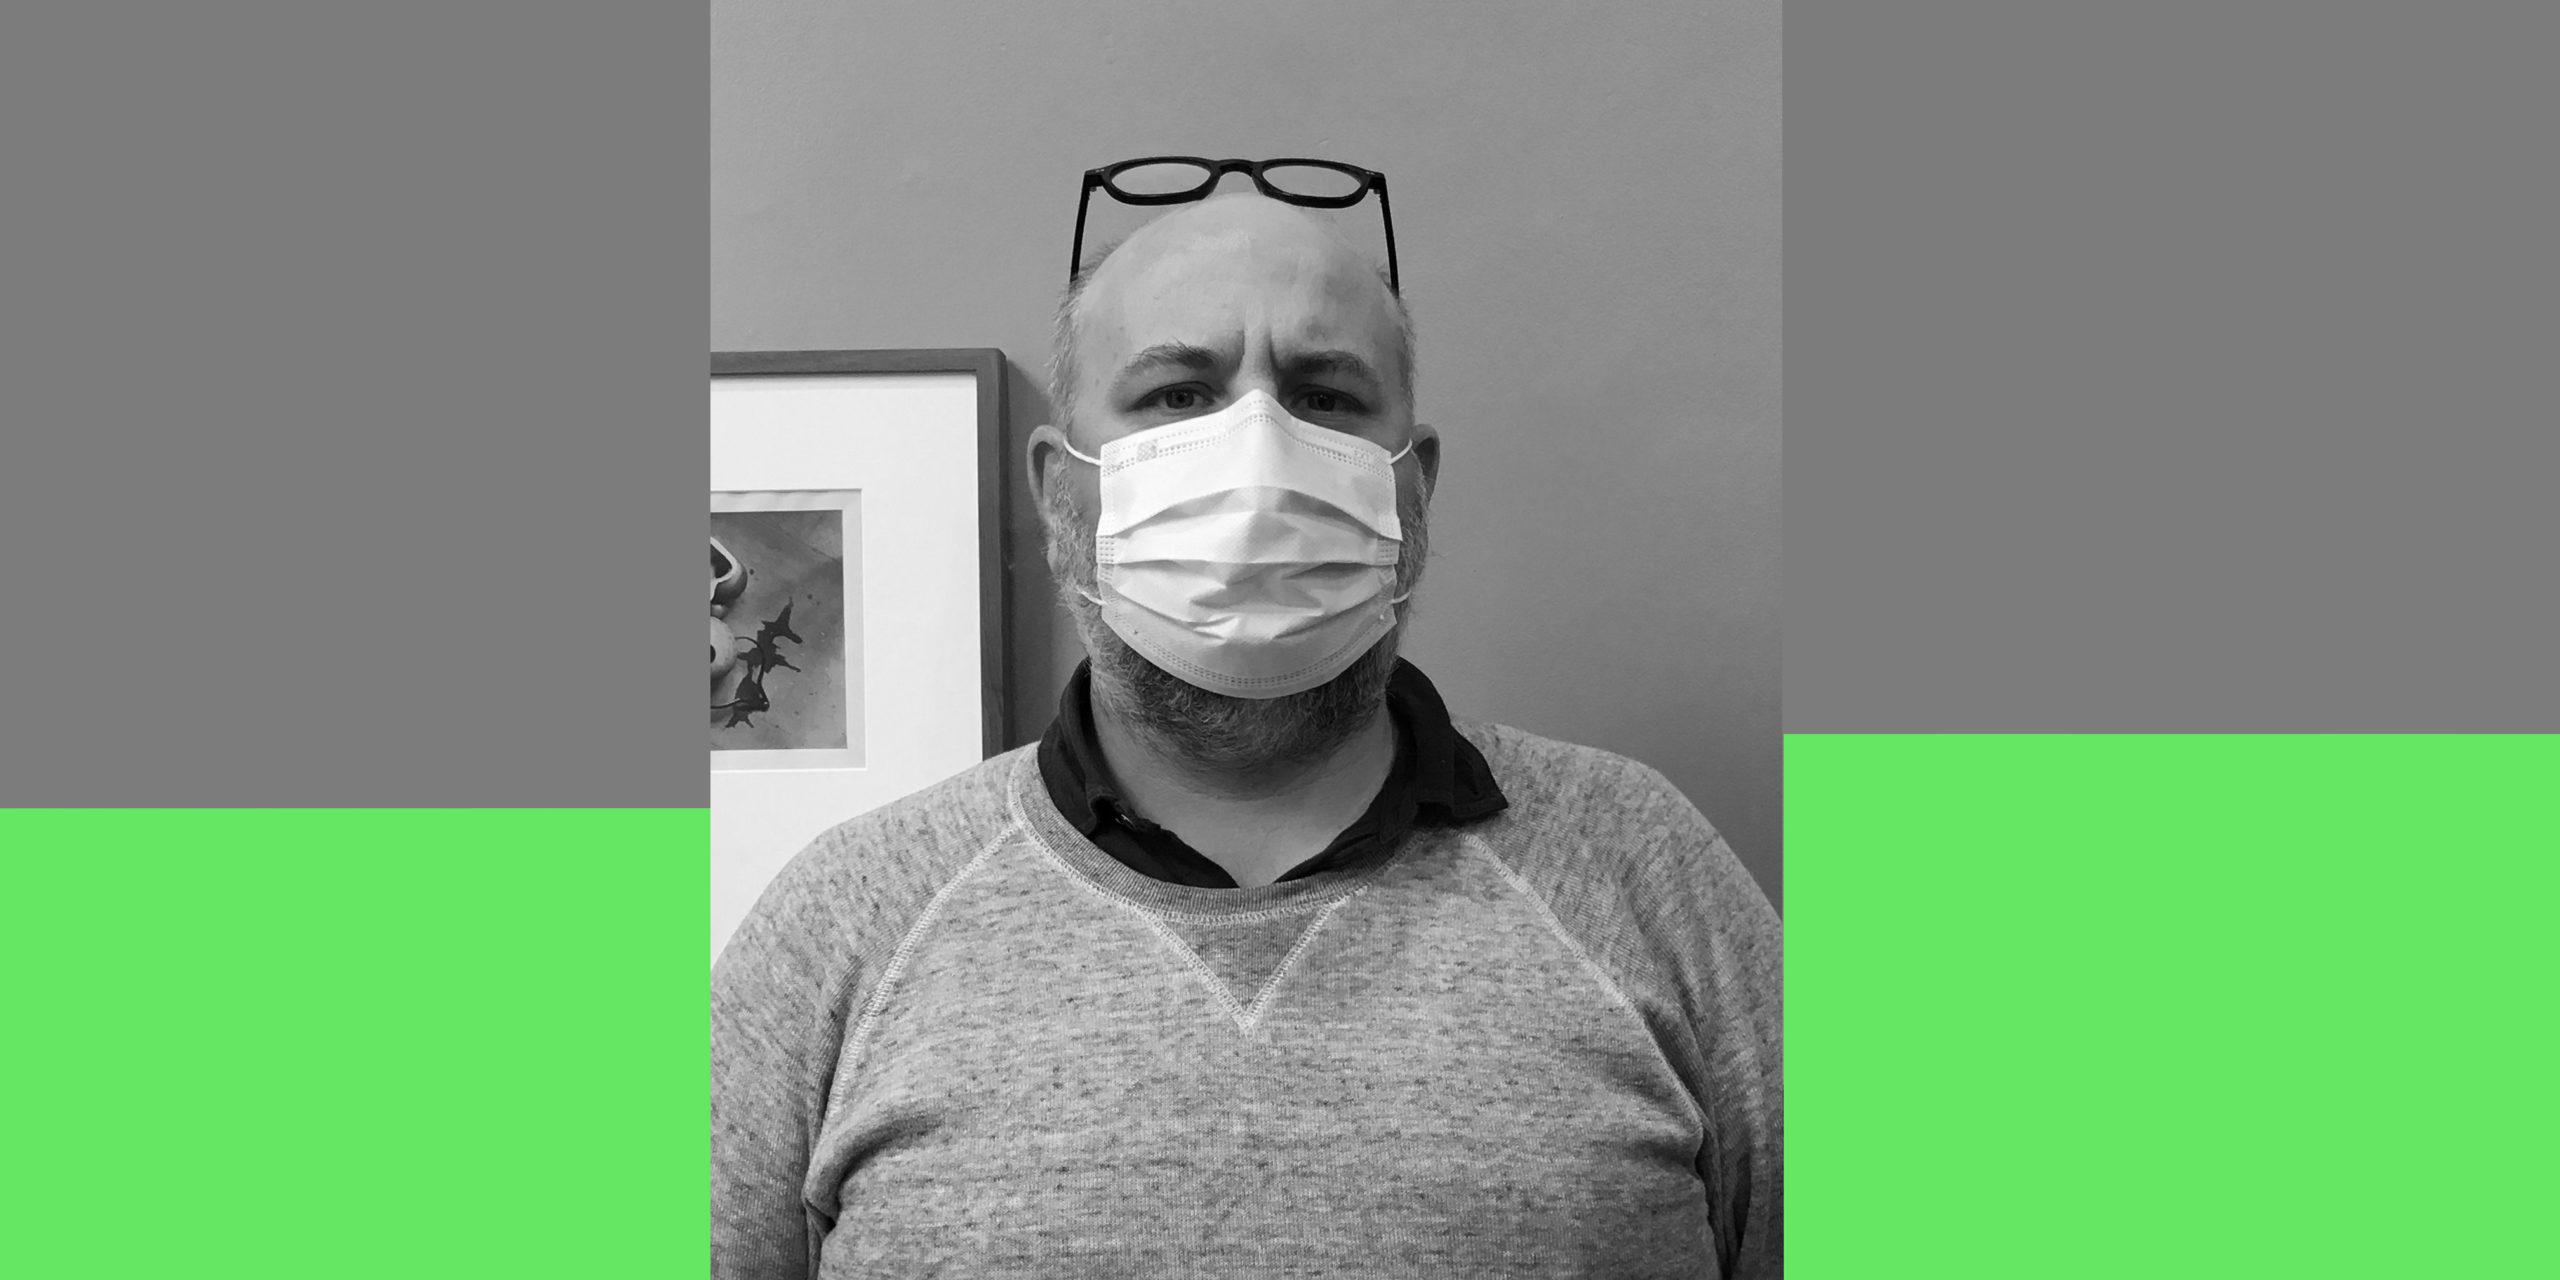 Portrait noir et blanc de David Fleiss